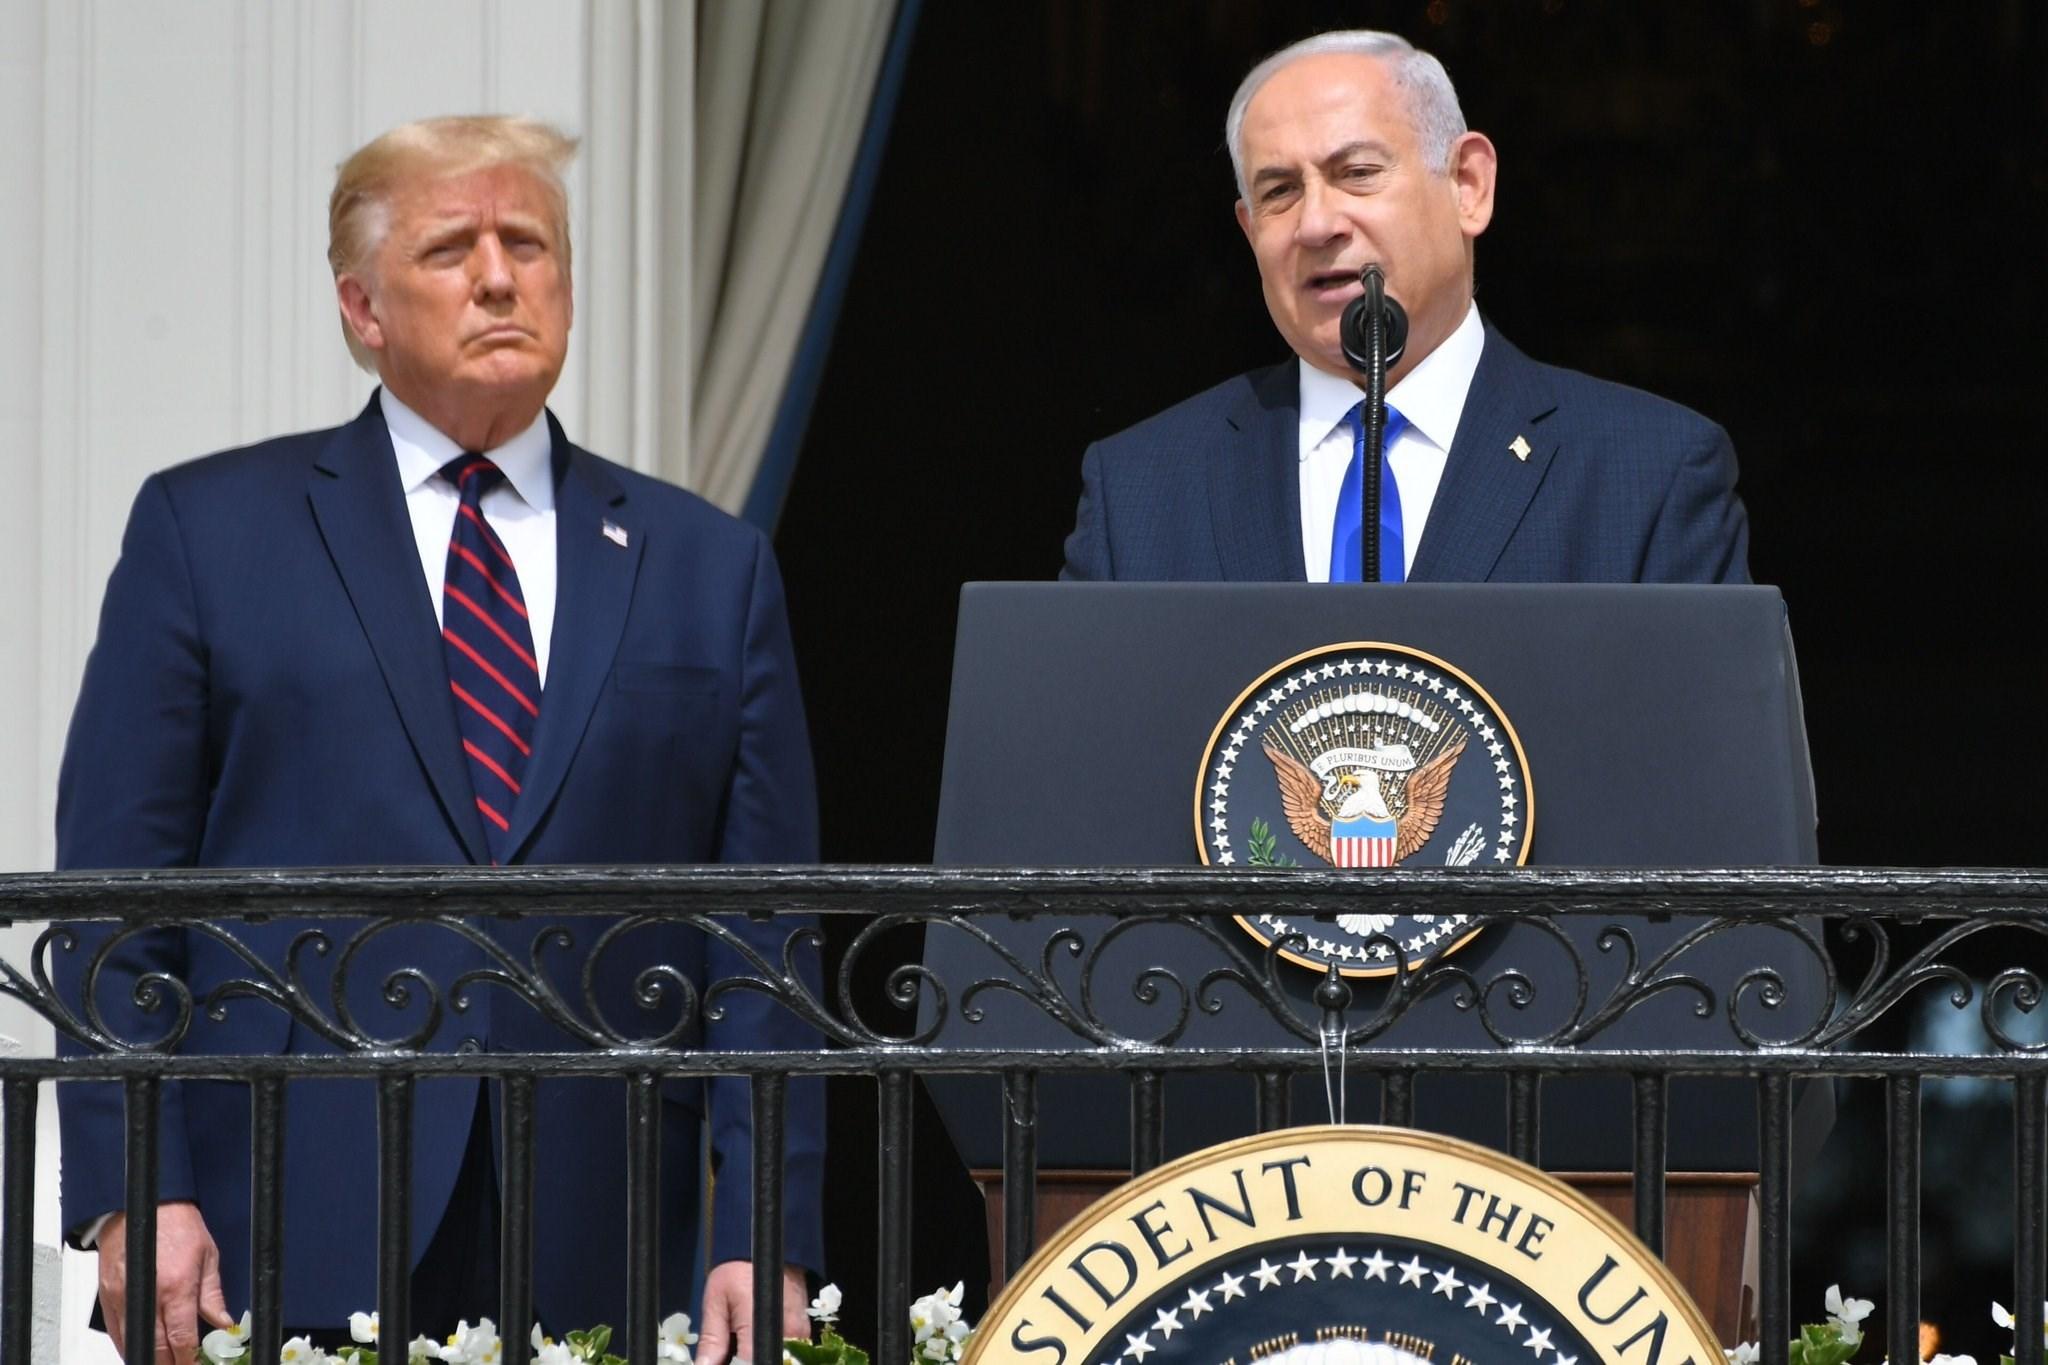 نتنياهو اكتشف أنه غير مخوّل بالتوقيع على الاتفاقيتين وهو متواجد في واشنطن قبيل الحفل